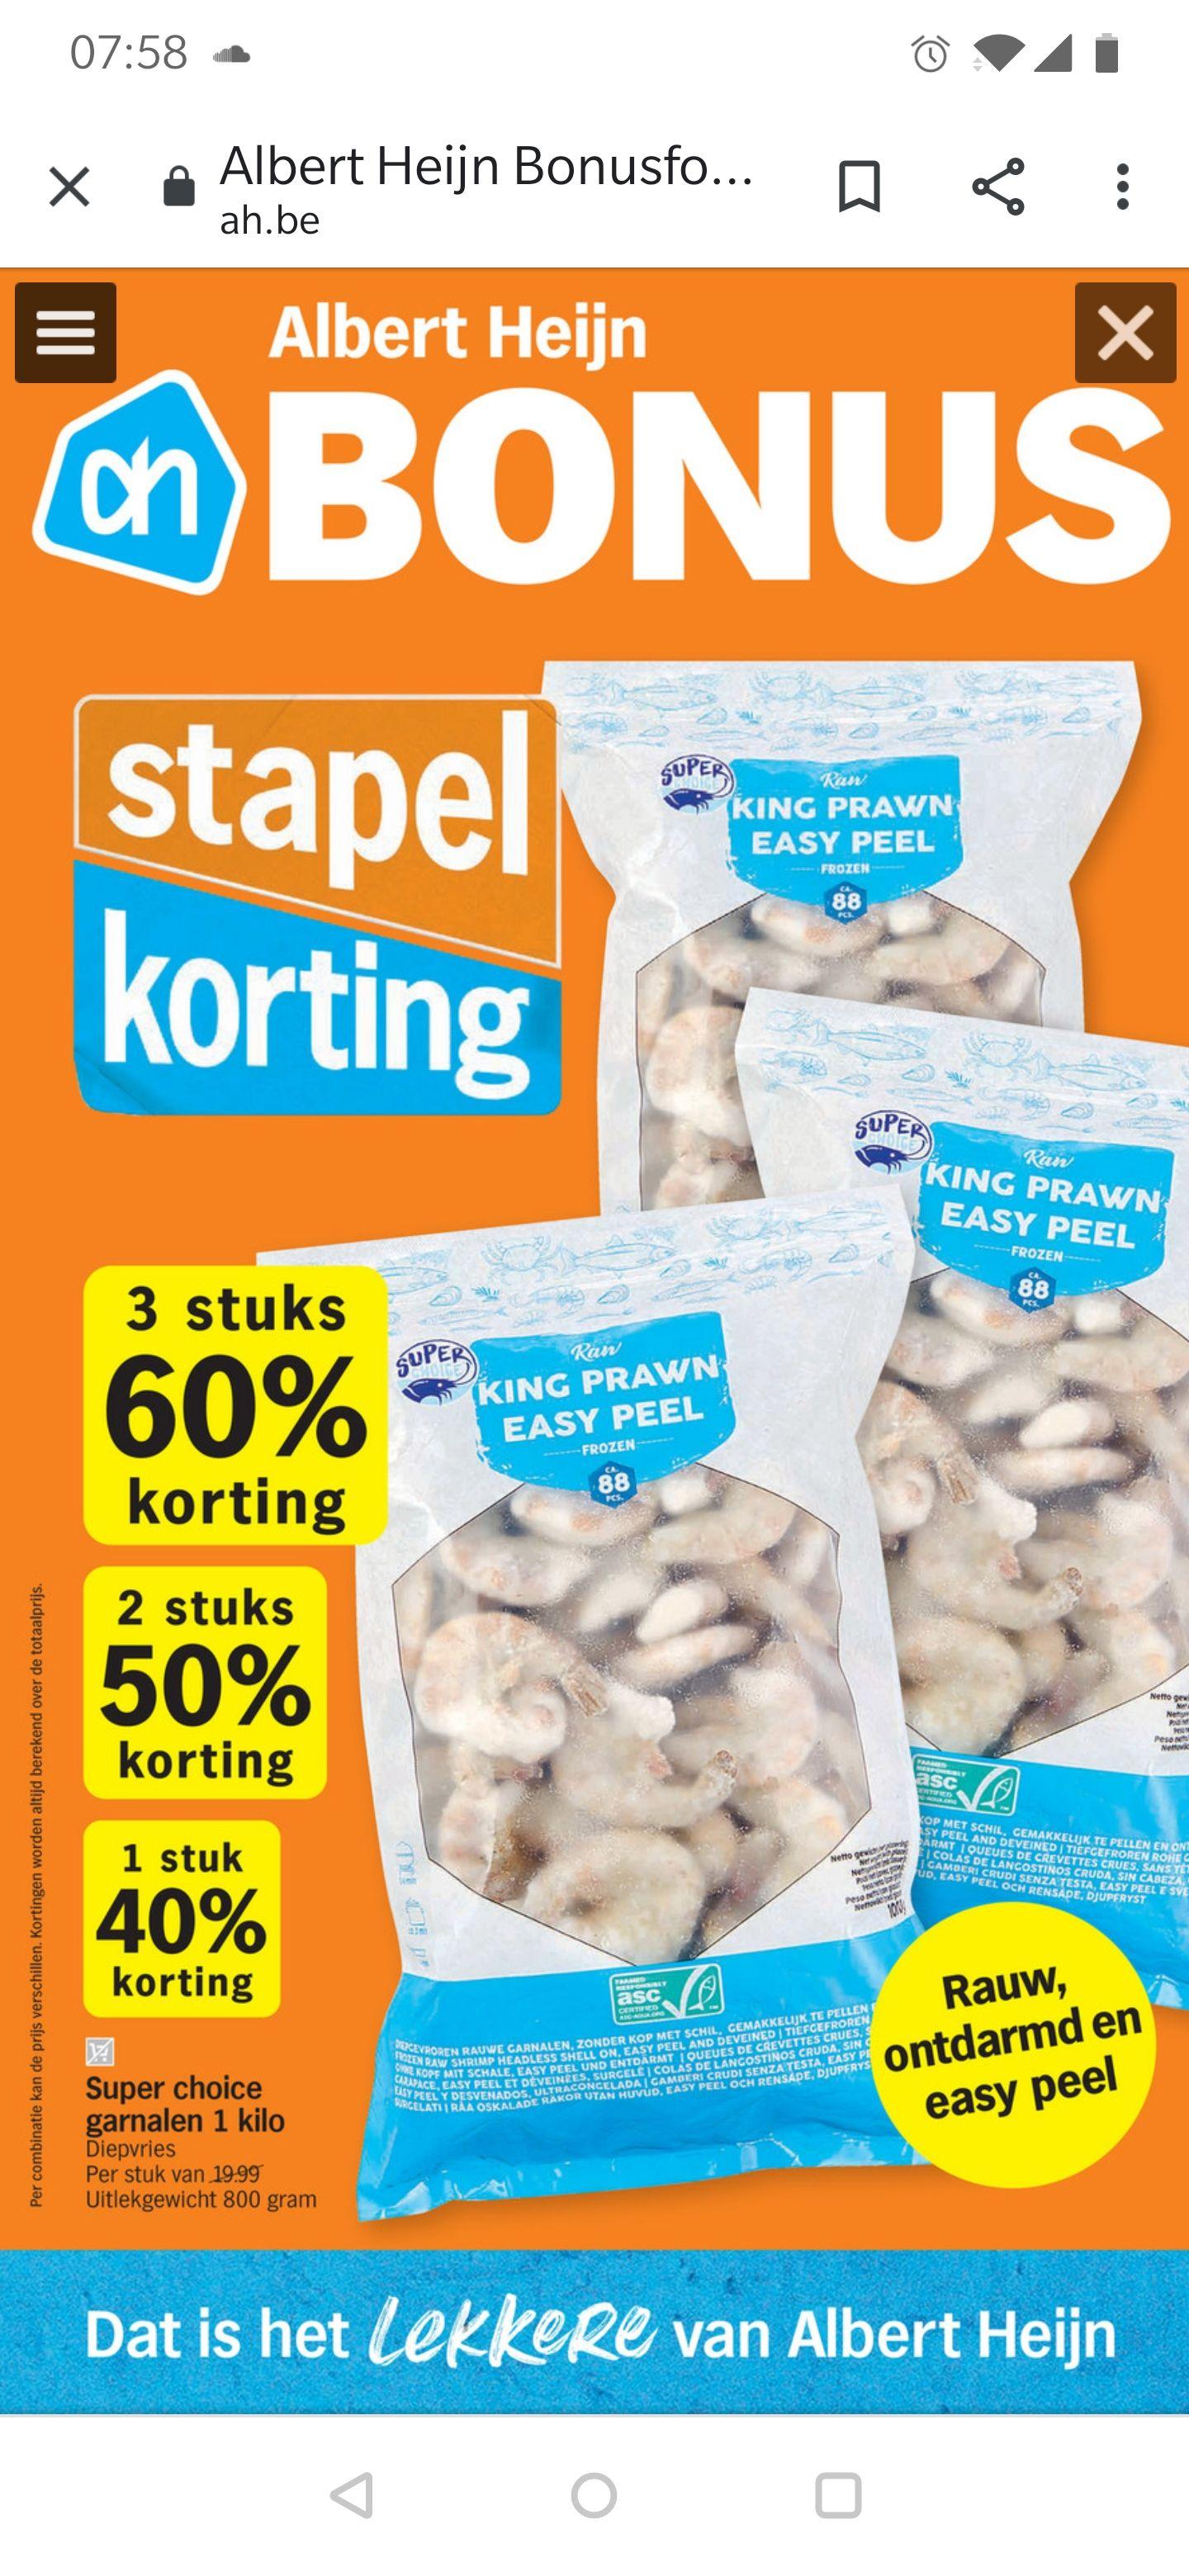 [GRENSDEAL BELGIË] super choice garnalen 1 kilo (vanaf 3 stuks)